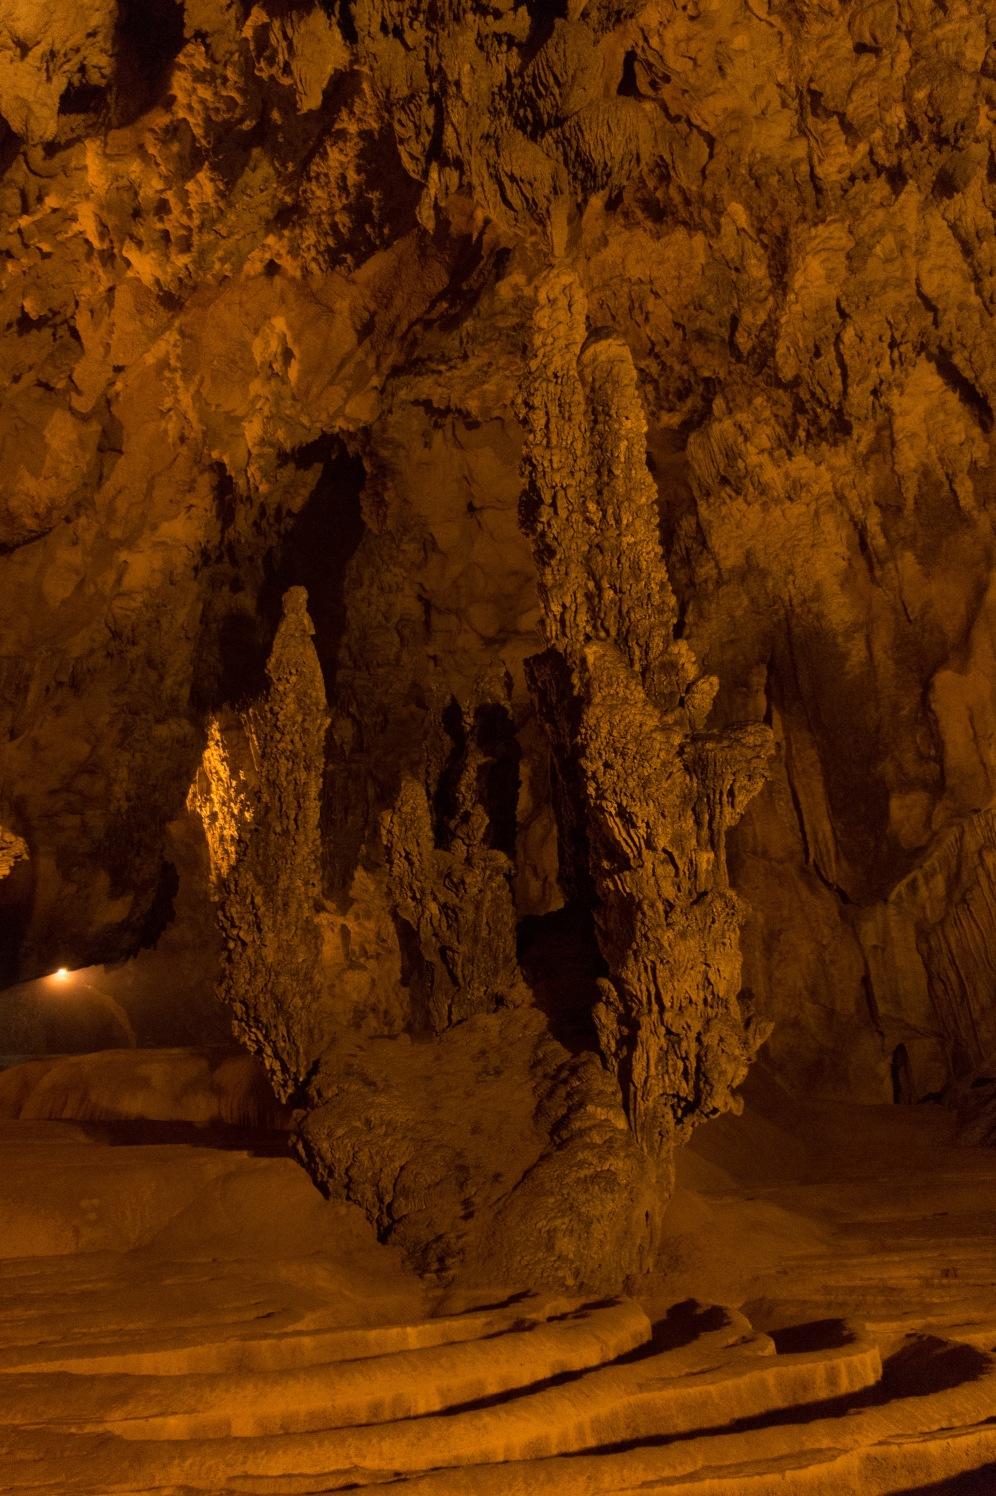 Cave Cactus